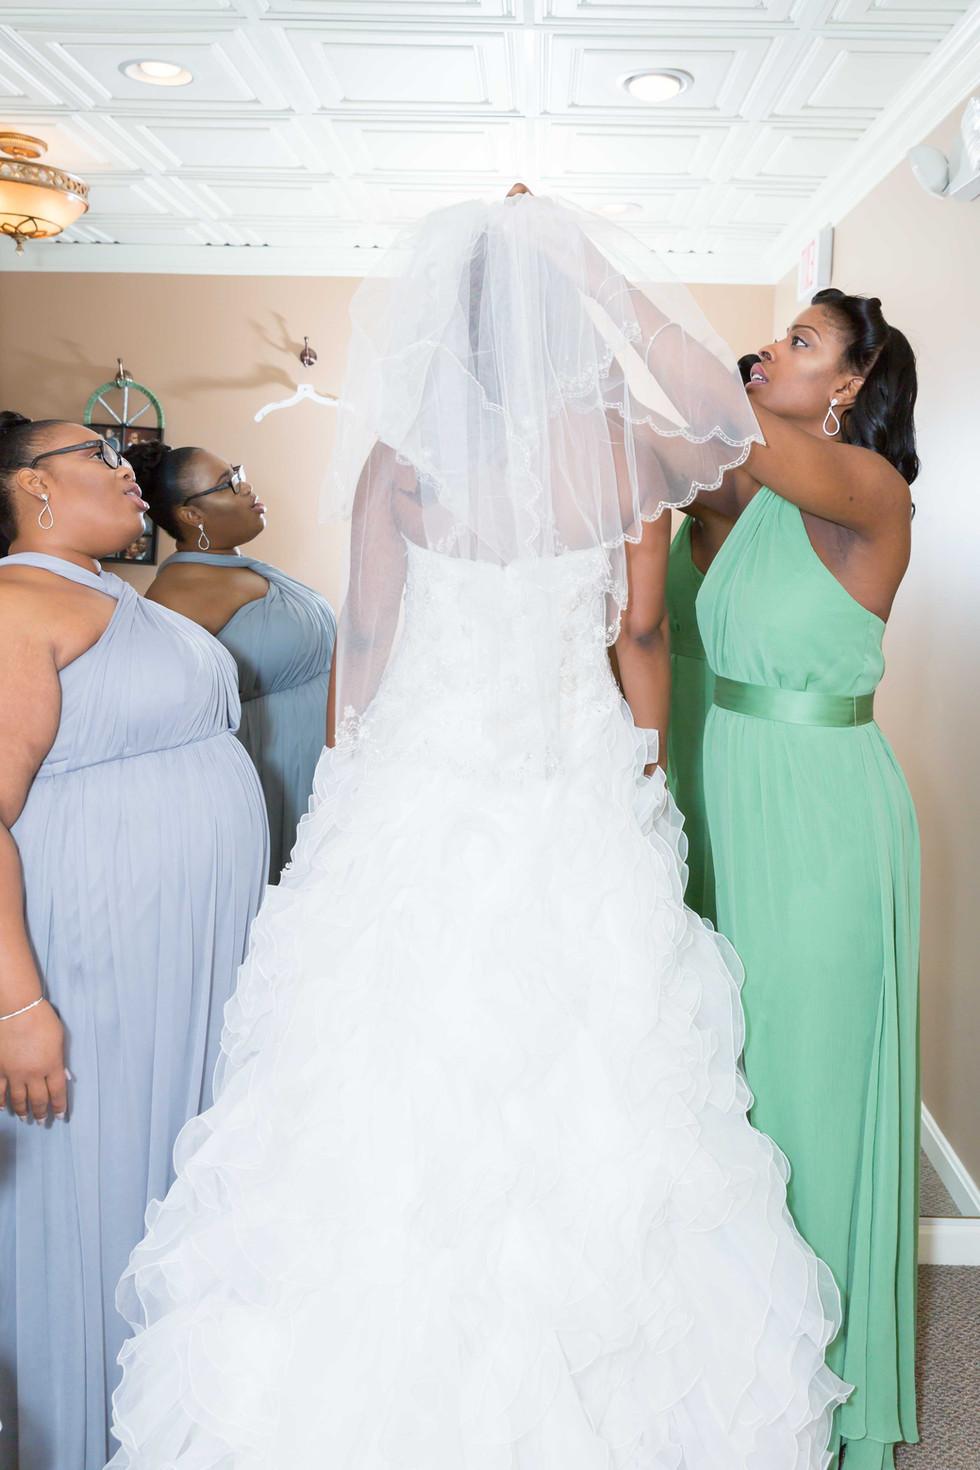 Bridesmaids helping the bride.